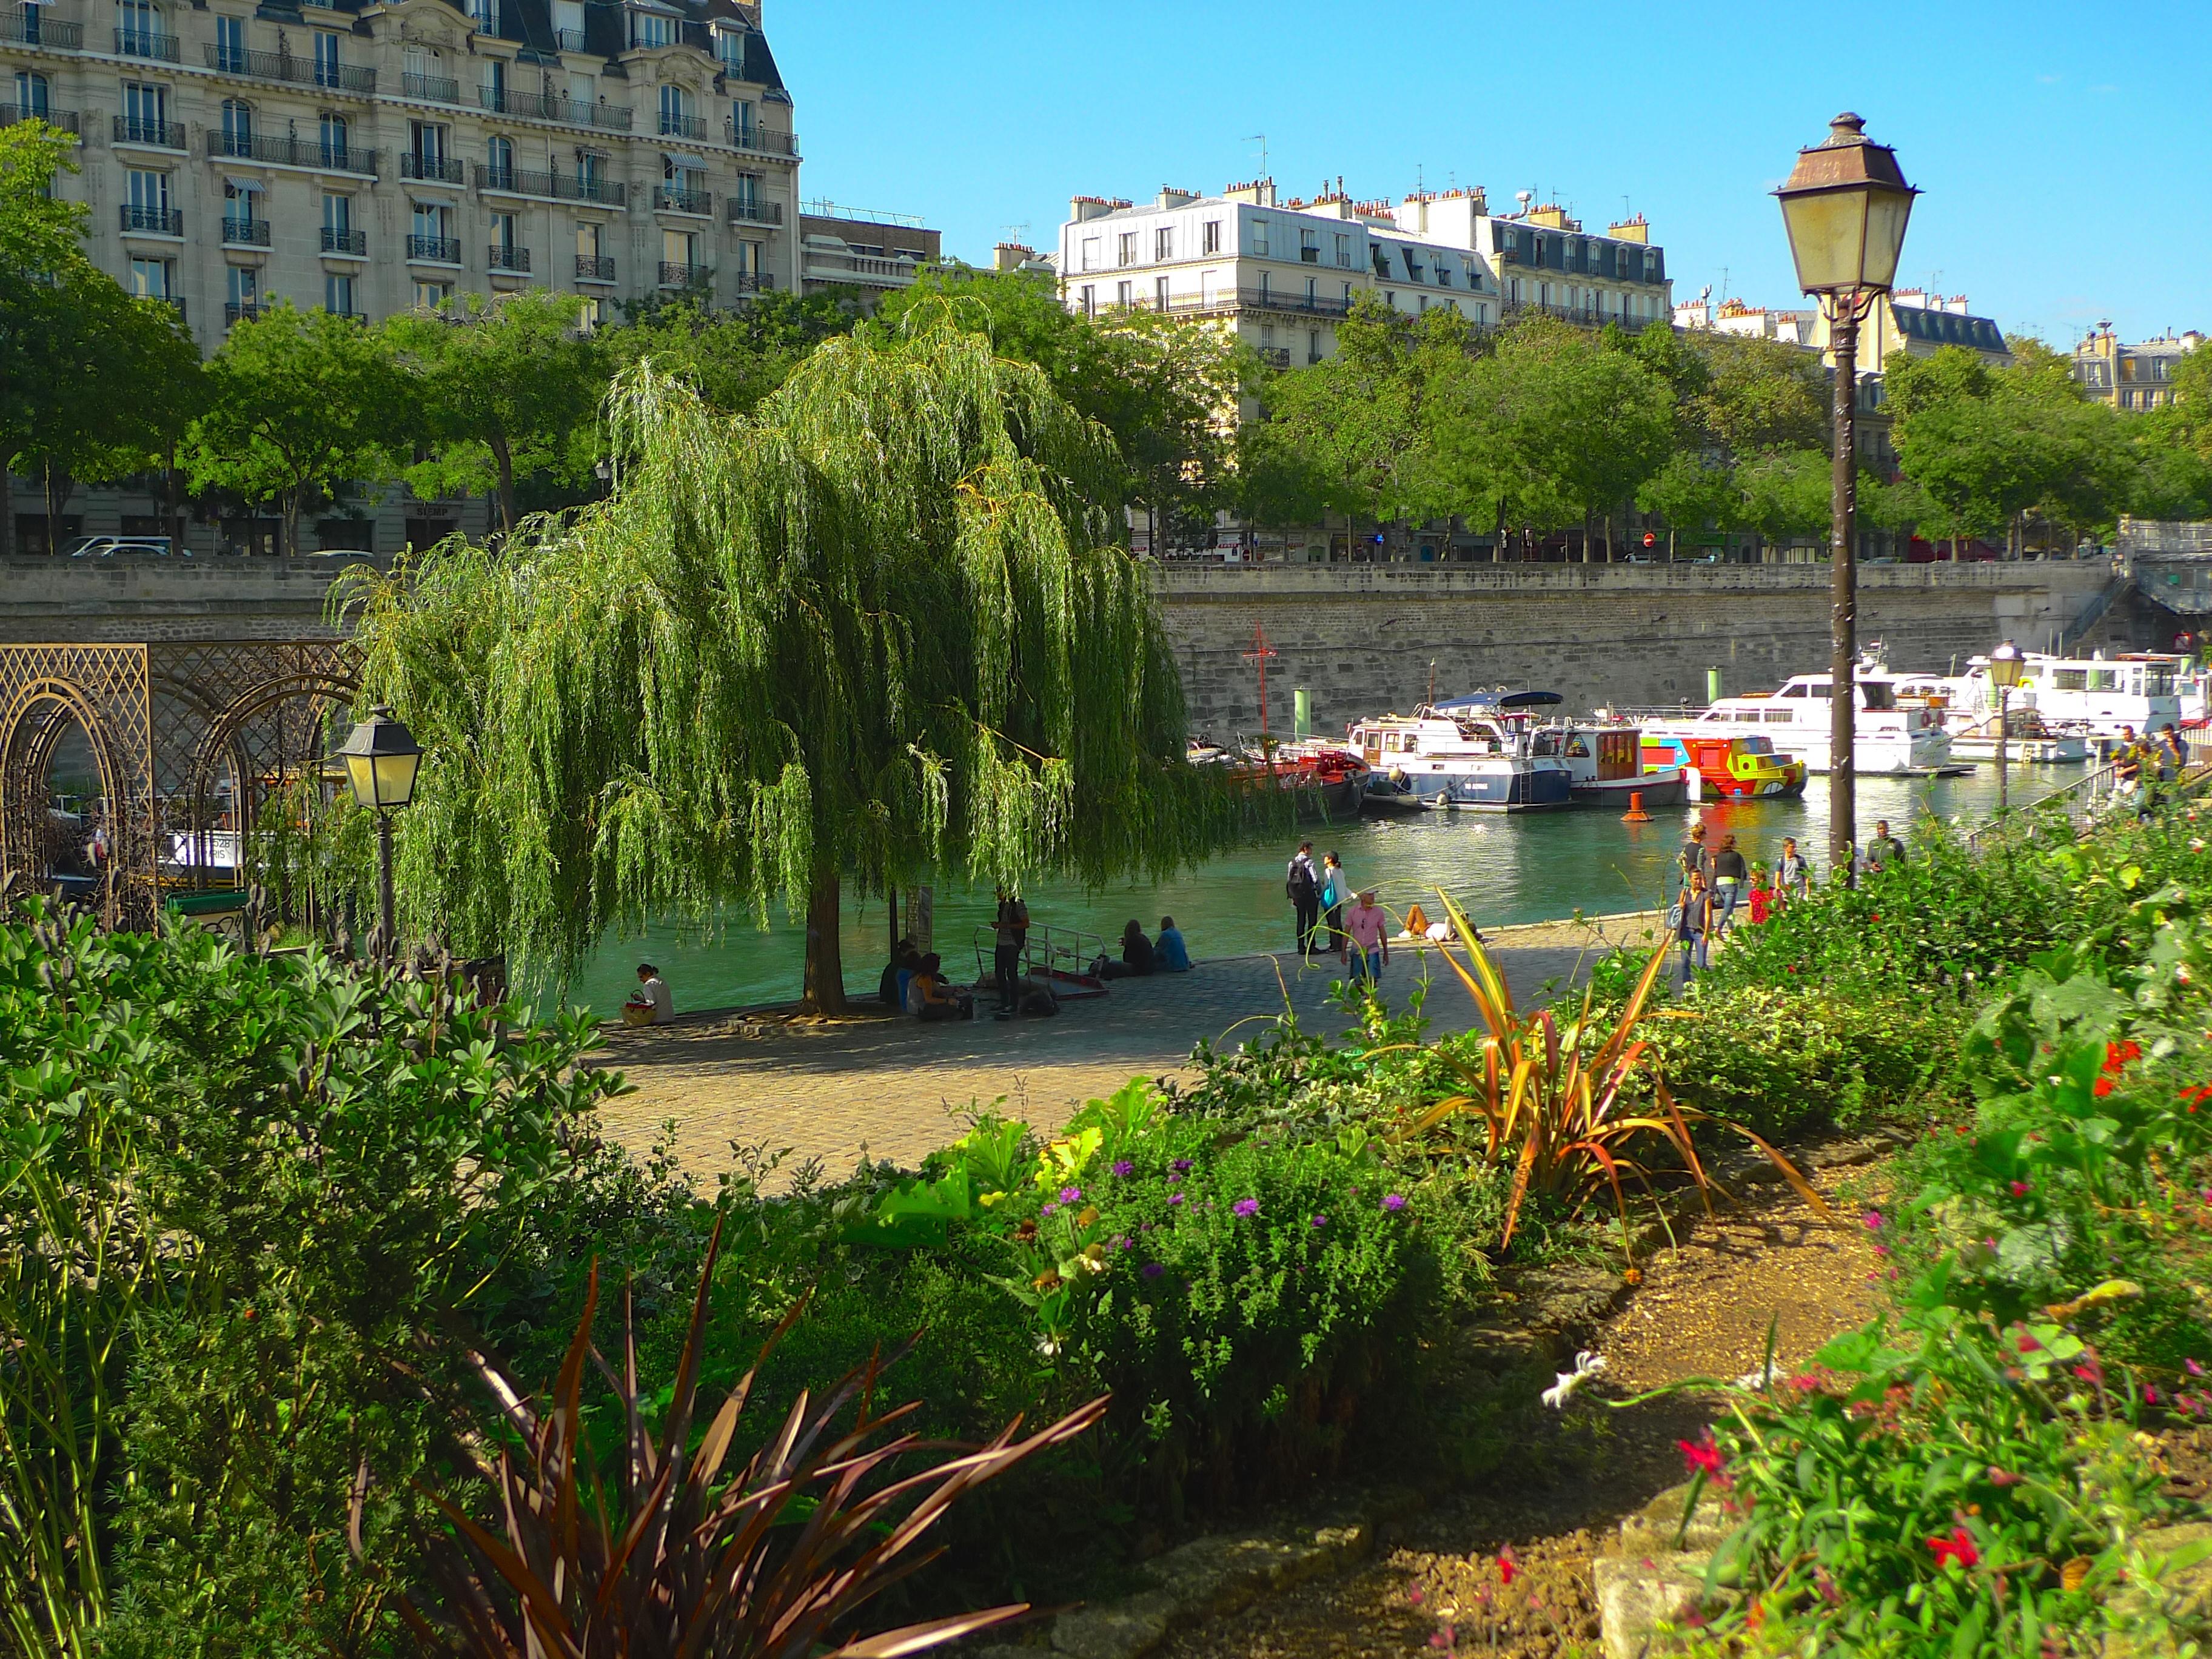 Bassin de l arsenal soundlandscapes 39 blog for Jardin en seine 2015